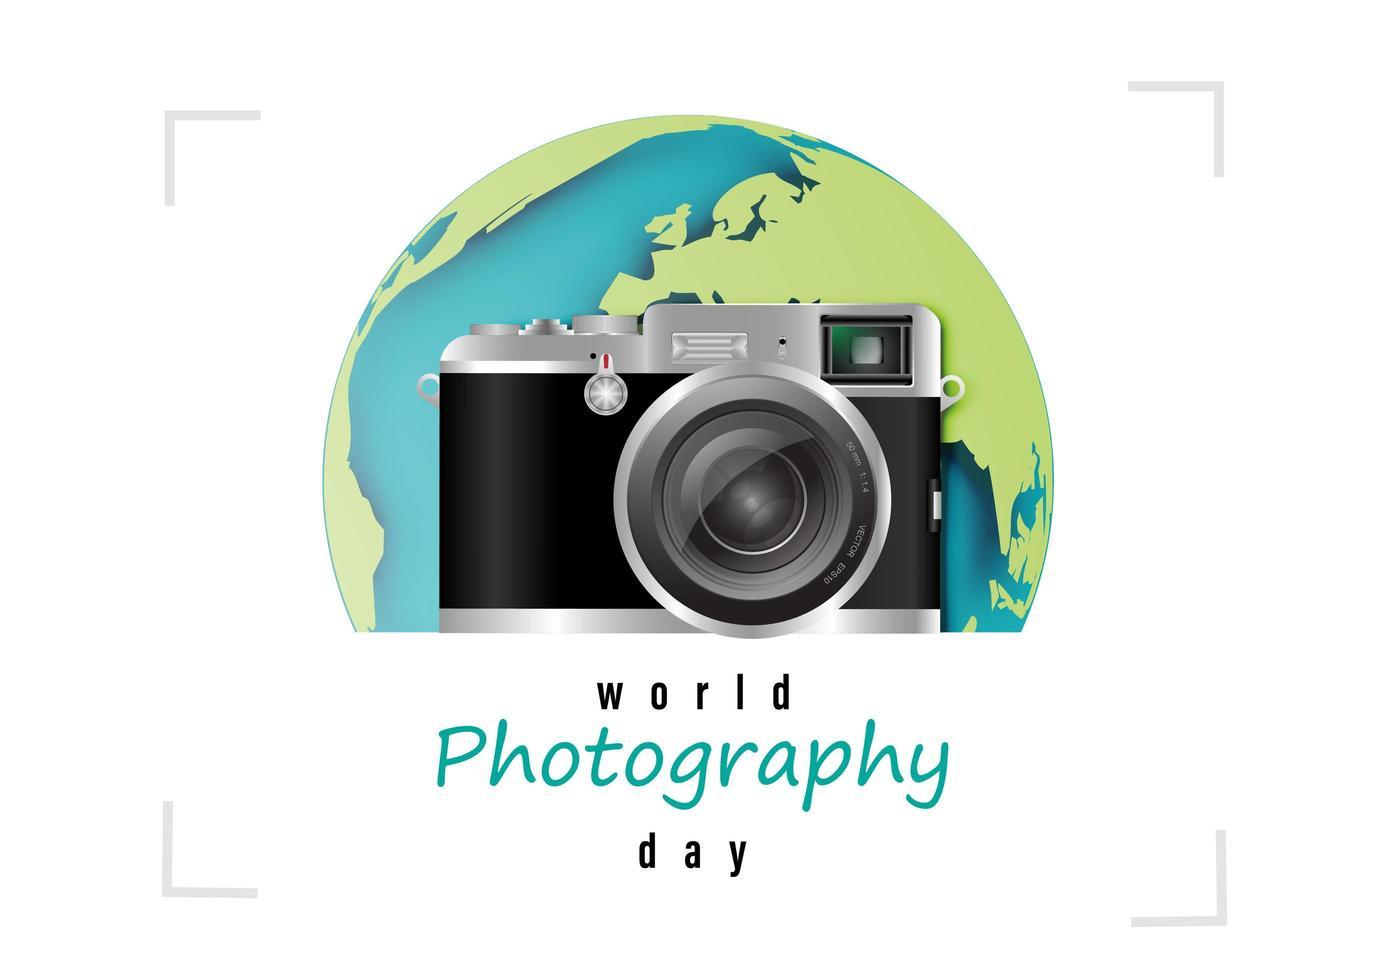 diseño del día mundial de la fotografía con cámara retro vector